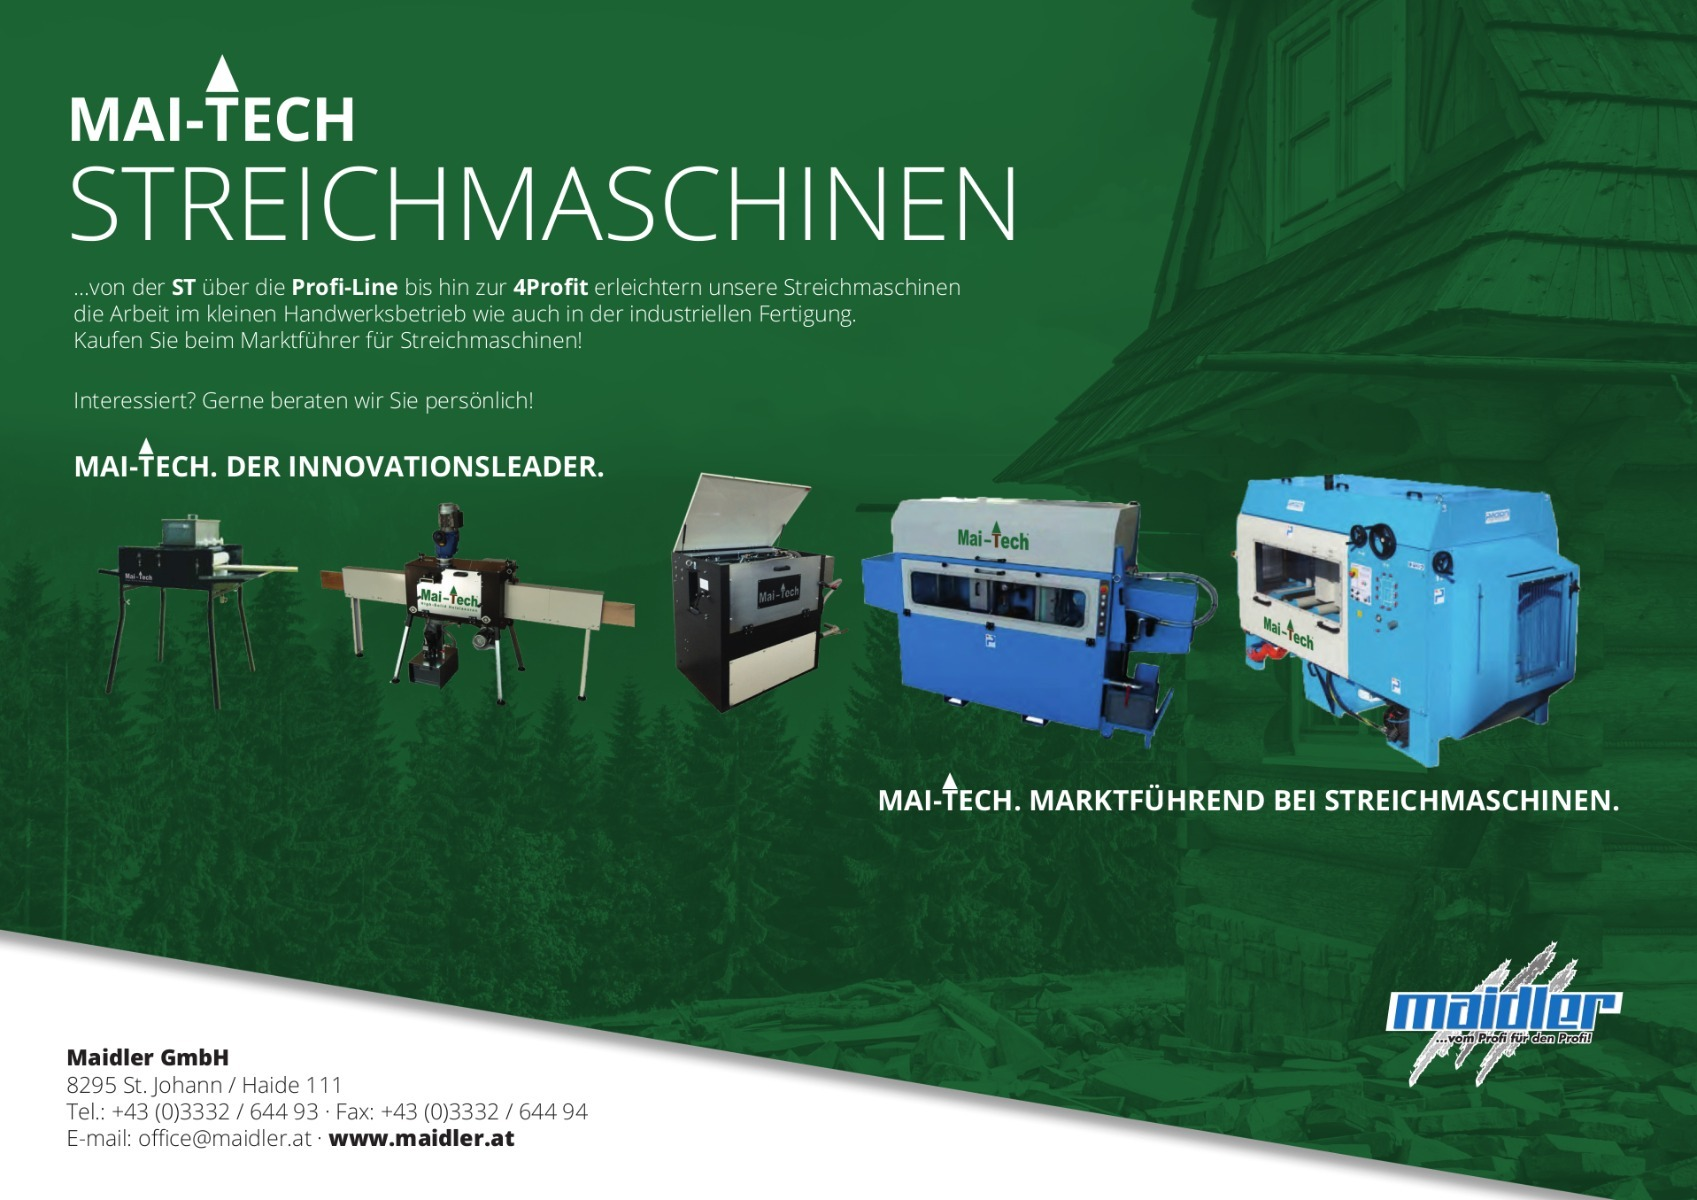 Der neue Mai-Tech Folder listet alle derzeit verfügbaren Mai-Tech Produkte.